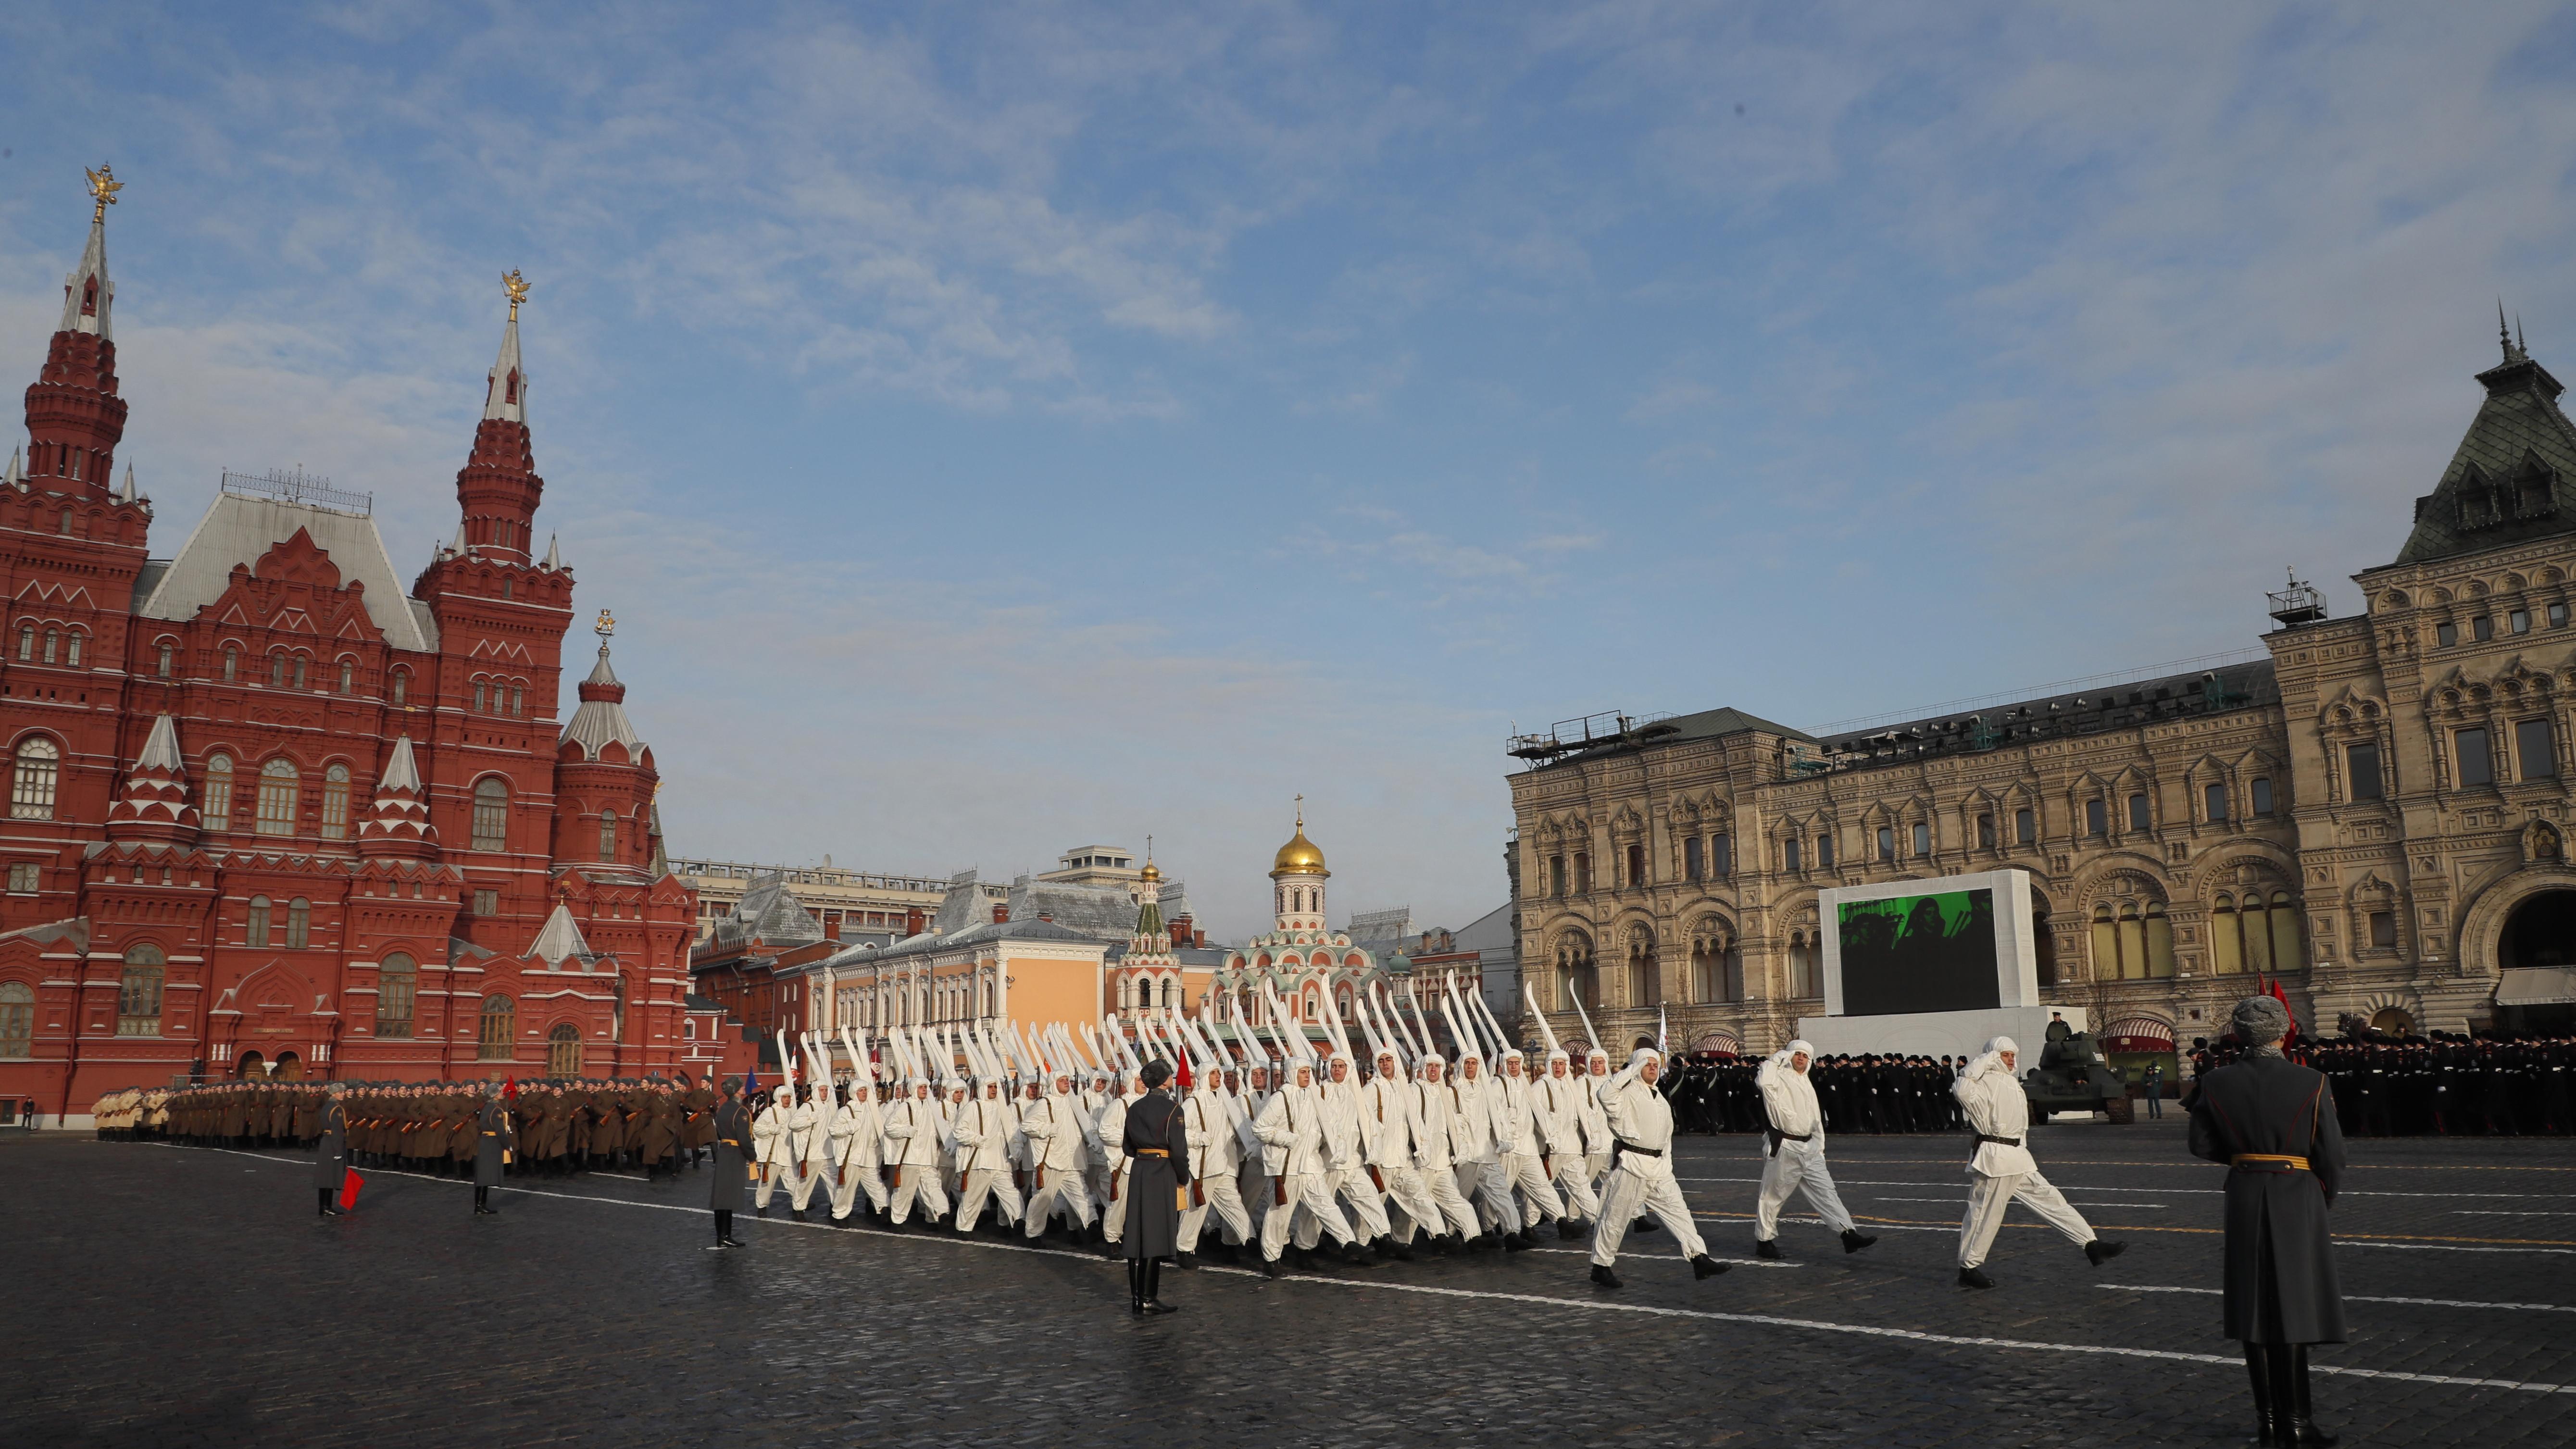 Руски войници в исторически униформи участват в 77-ия парад, отбелязващ годишнината от битката за Москва по време на Втората световна война на Червения площад в Москва.